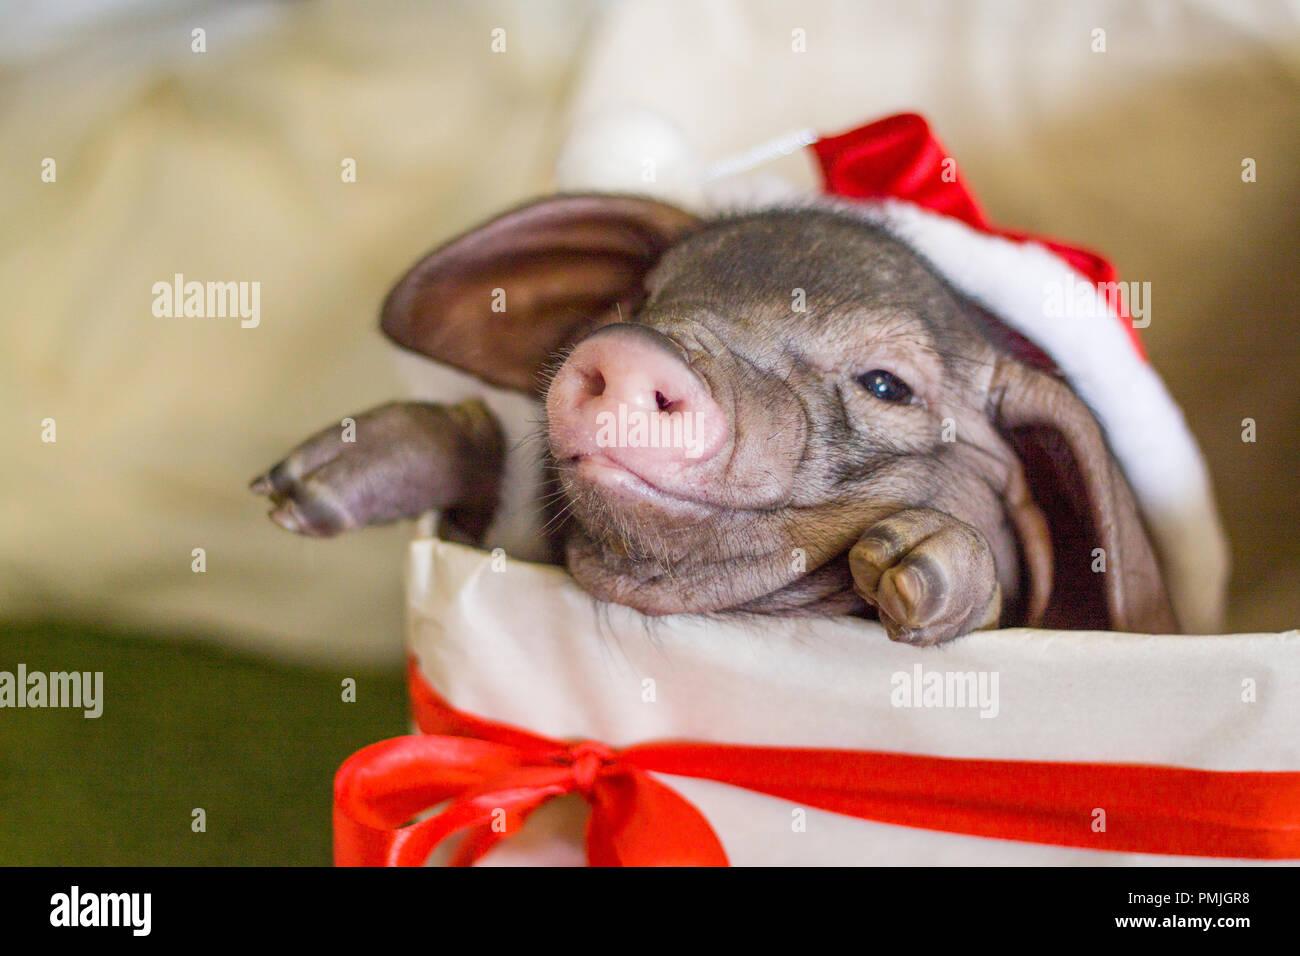 Carte de Noël et Nouvel an avec mignon de porc cadeau nouveau-né santa en présent fort. Symbole de l'année des décorations calendrier chinois sur le sapin. arrière-plan. Holid Photo Stock